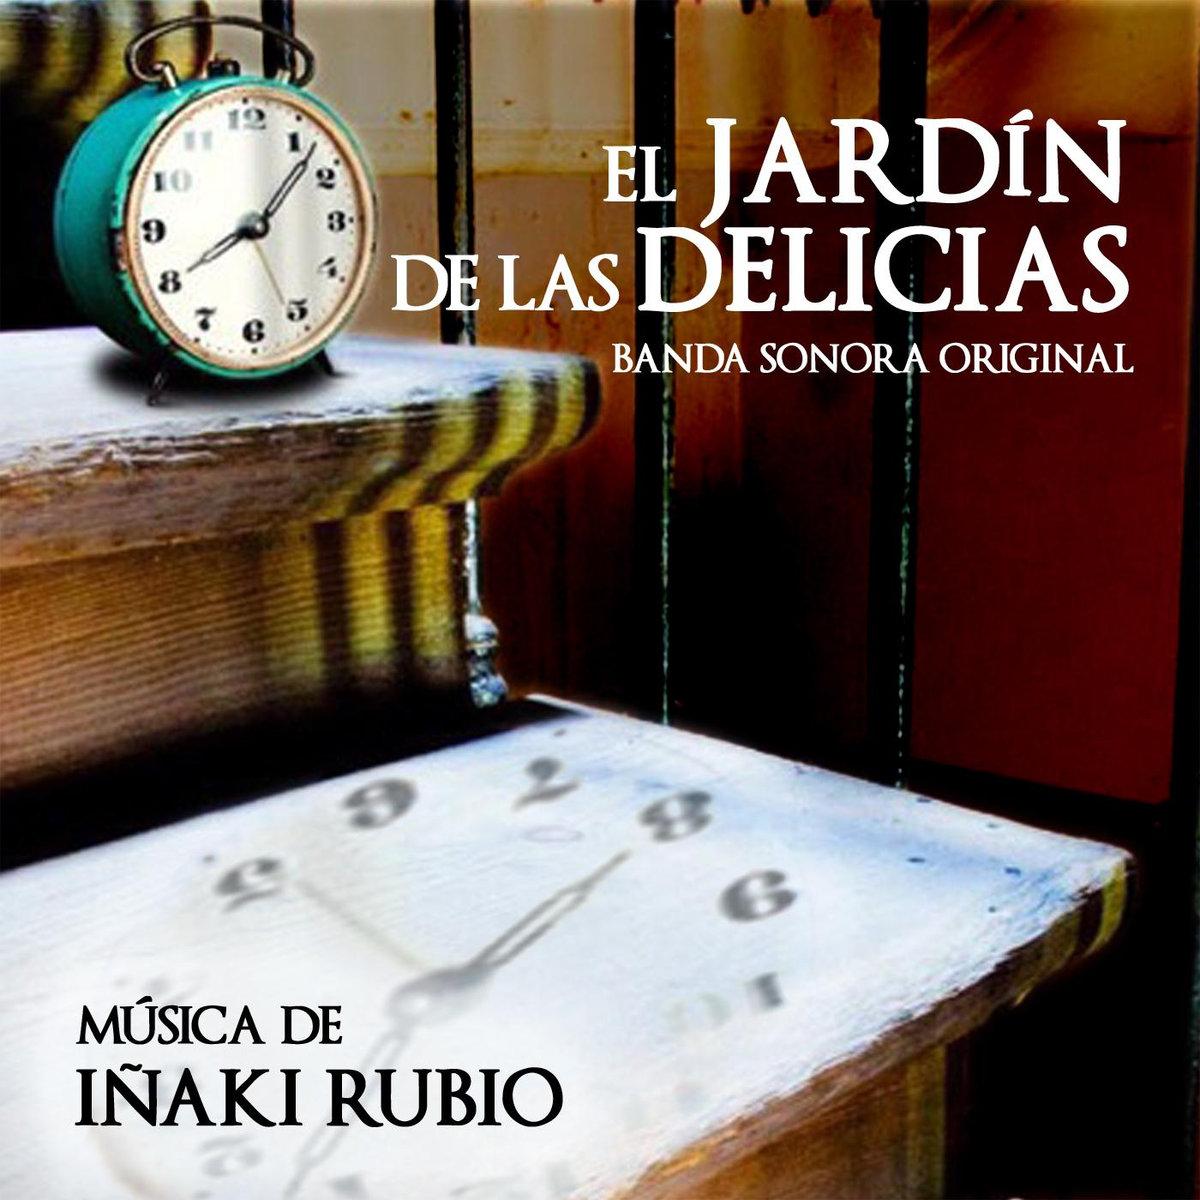 El jard n de las delicias banda sonora original soundtrack for Banda sonora de el jardin secreto